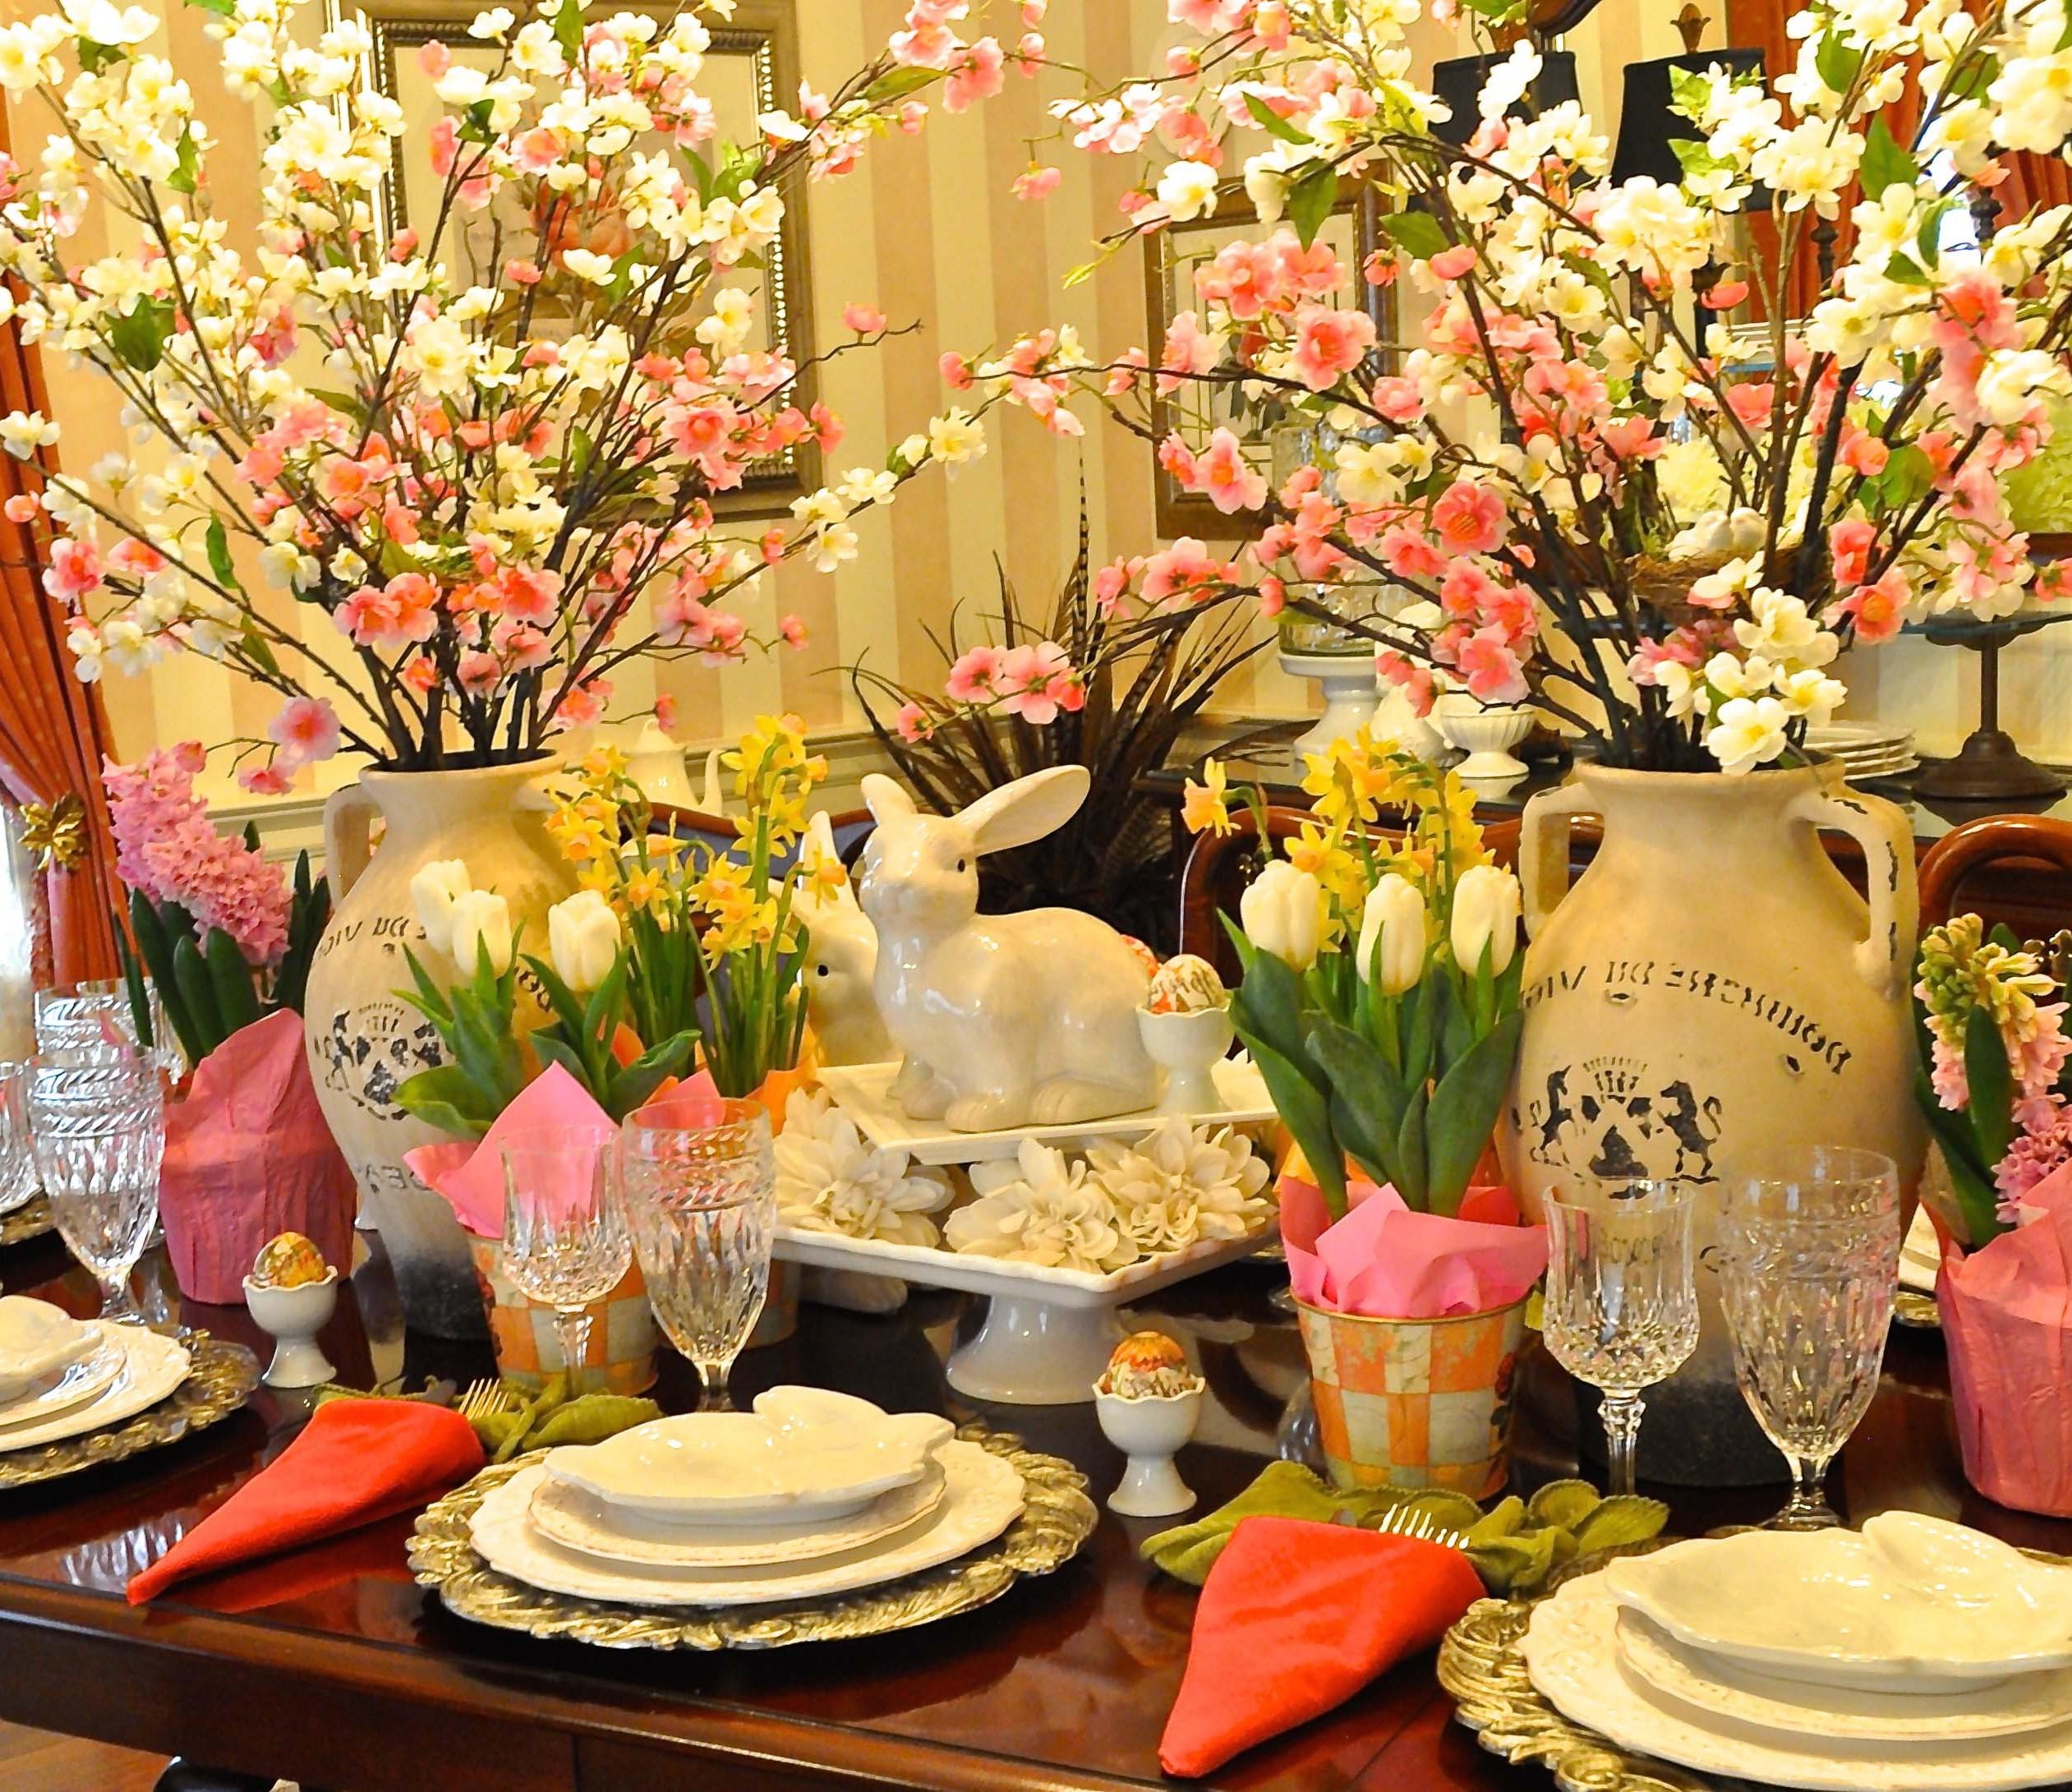 Idée déco de table de Pâques.